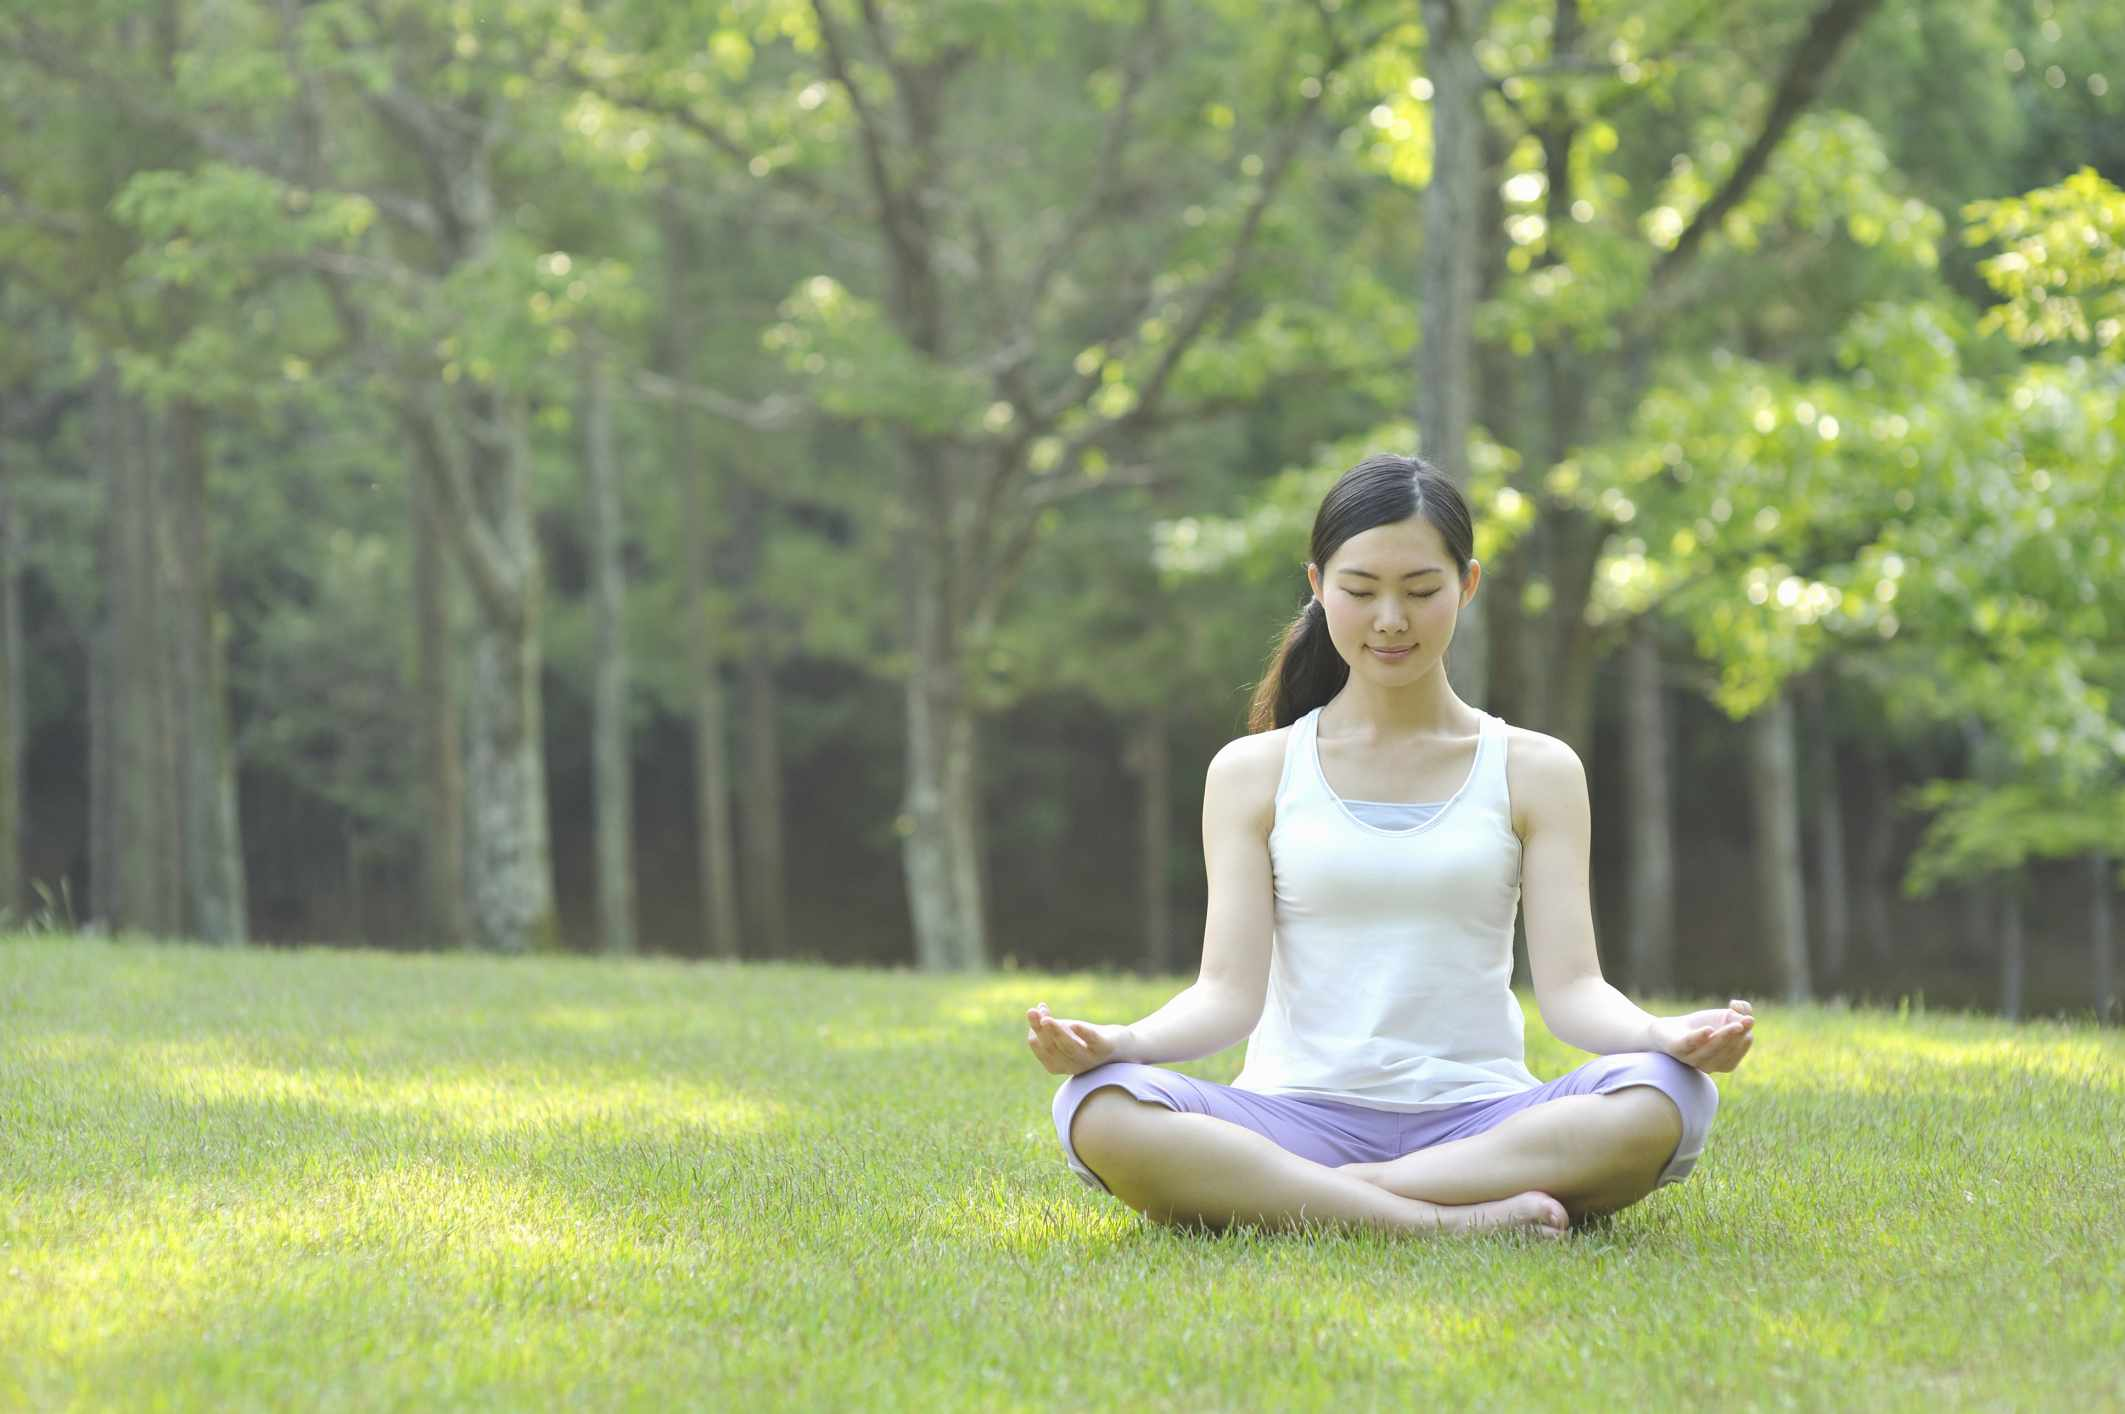 meditation-outside-in-park-Yagi-Studio.jpg